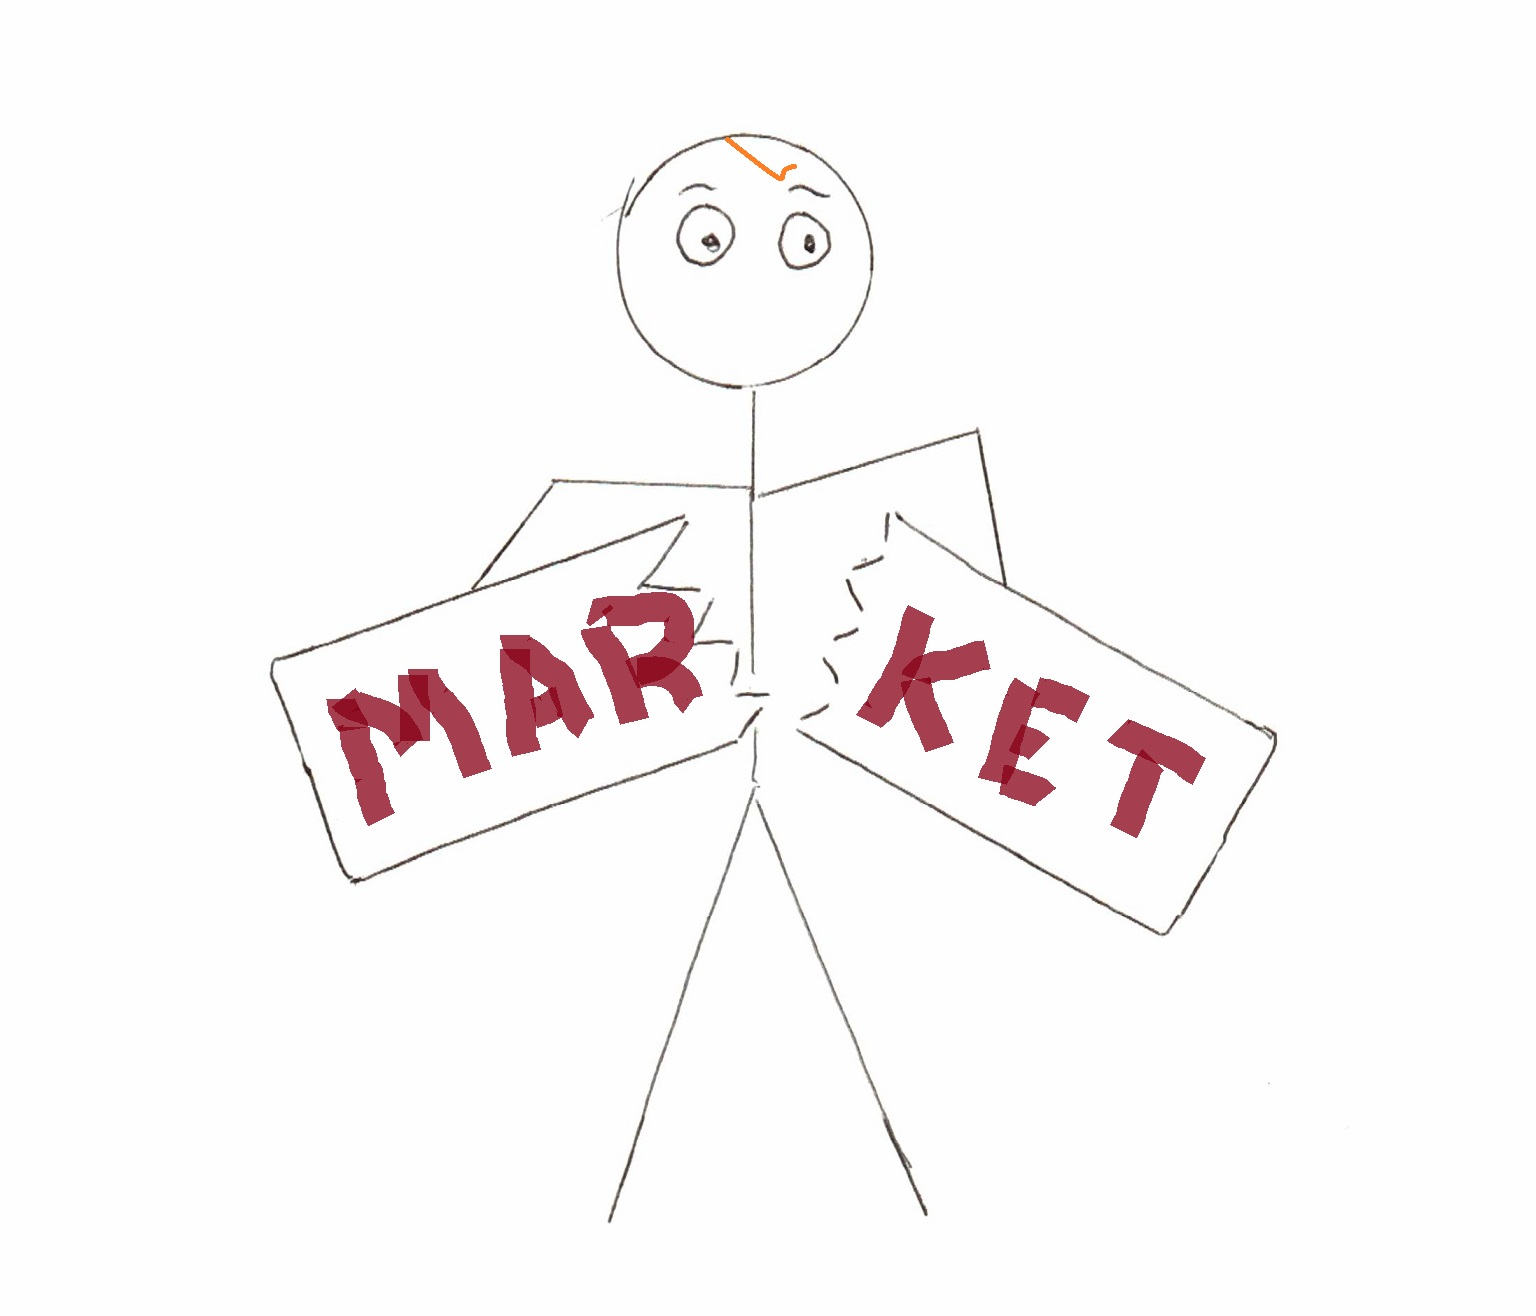 Don't Undercut the Market ✂